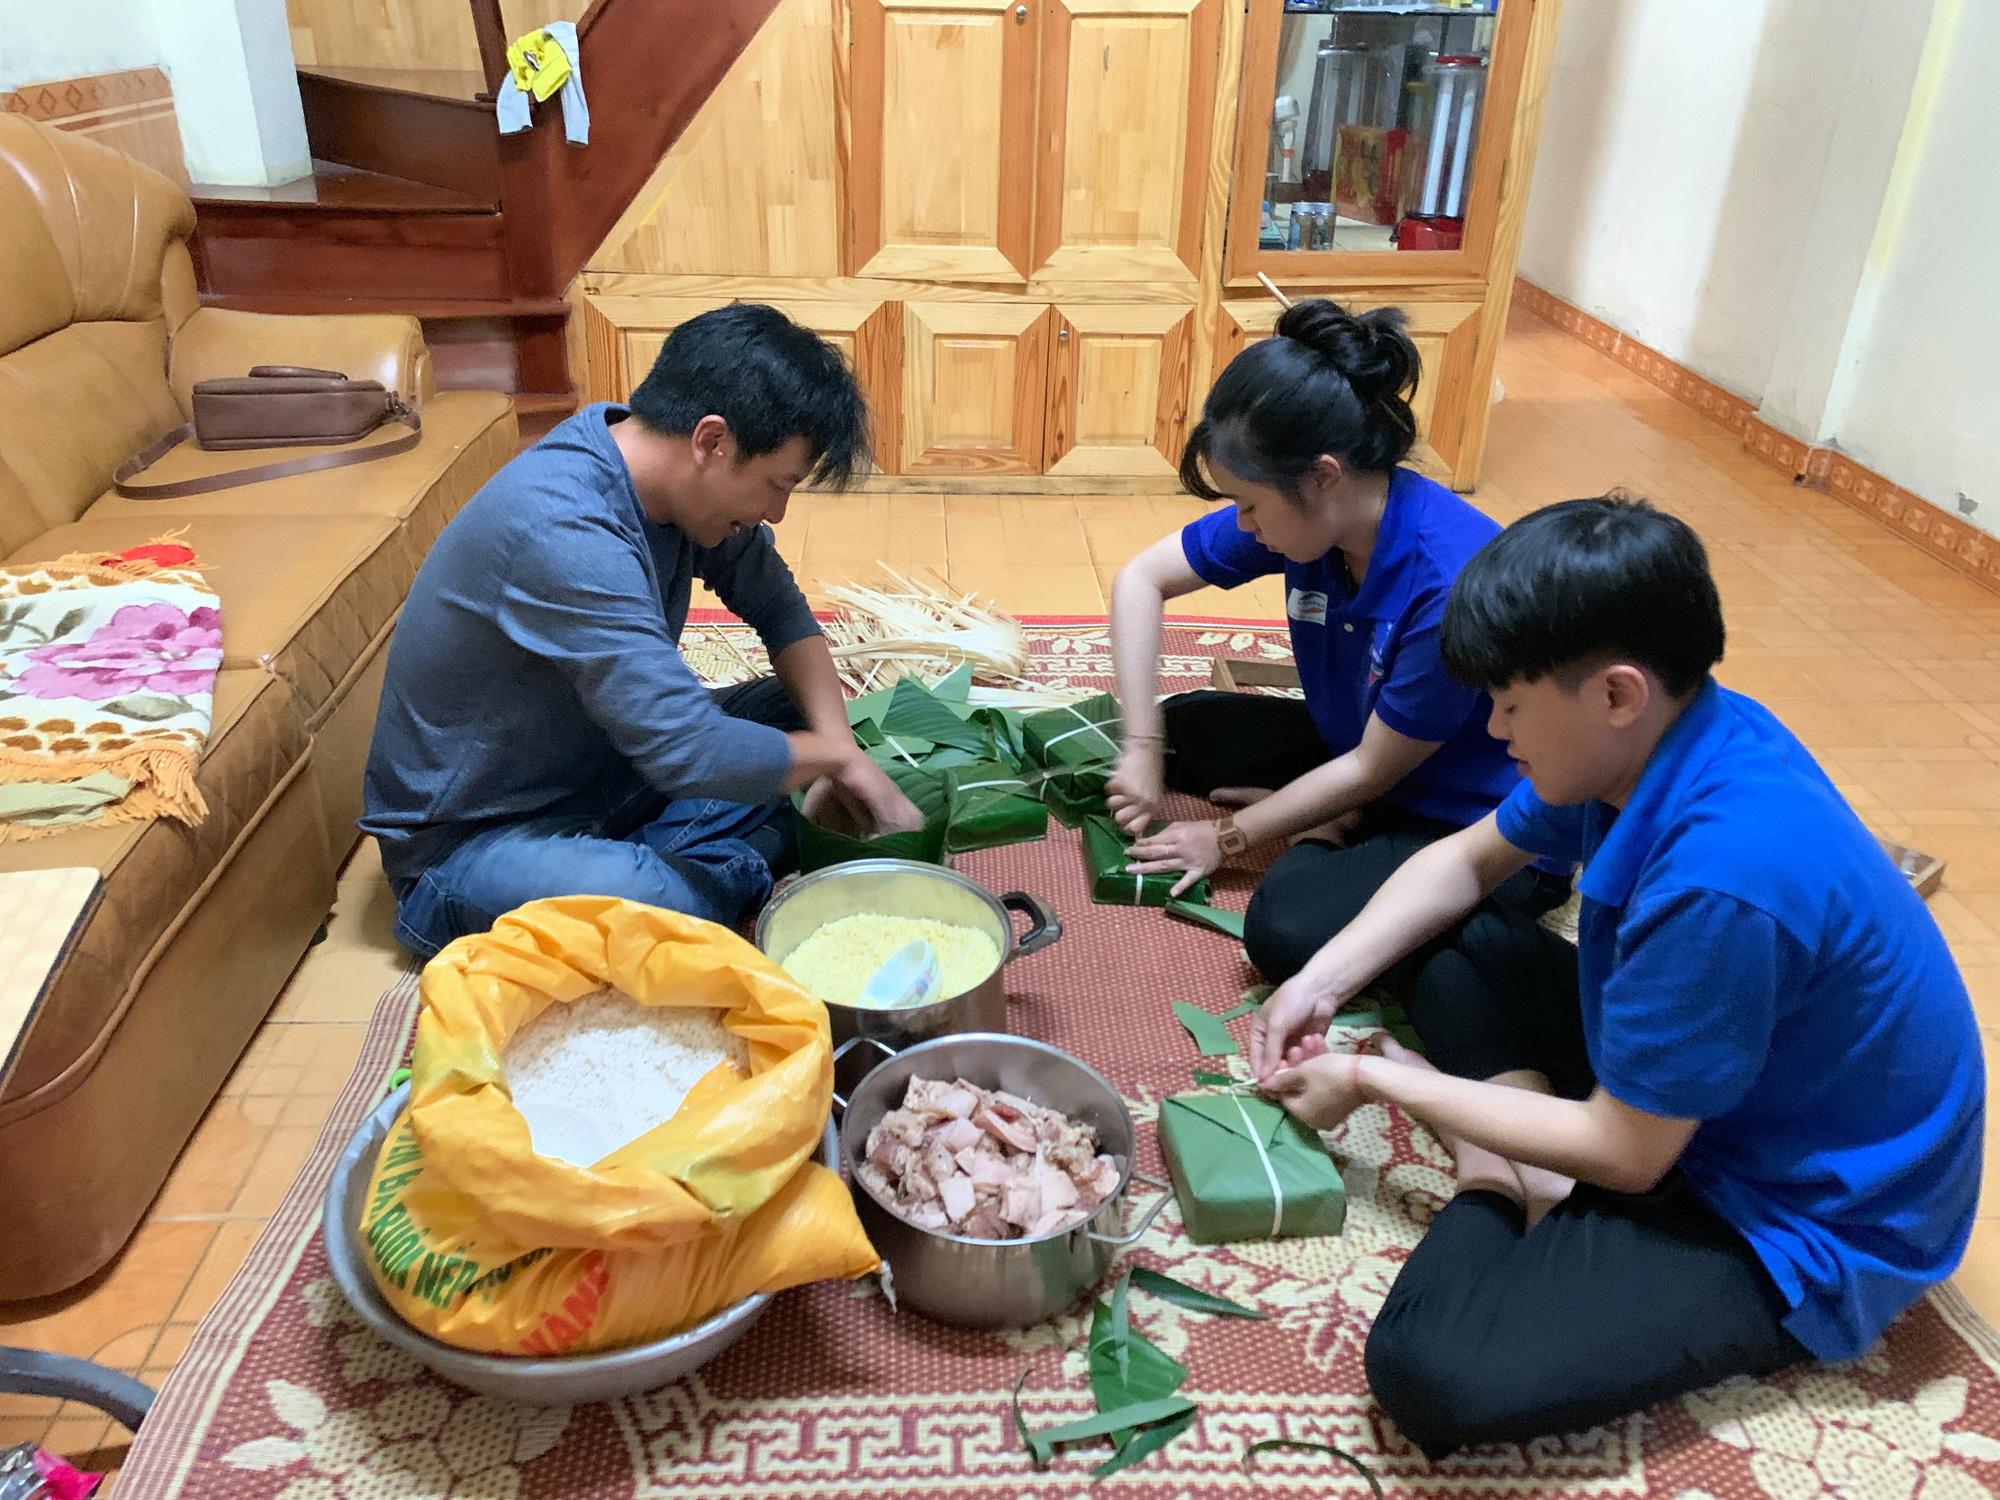 Hàng ngàn chiếc bánh chưng, mì tôm, nhu yếu phẩm từ Lâm Đồng hướng về miền Trung - Ảnh 2.